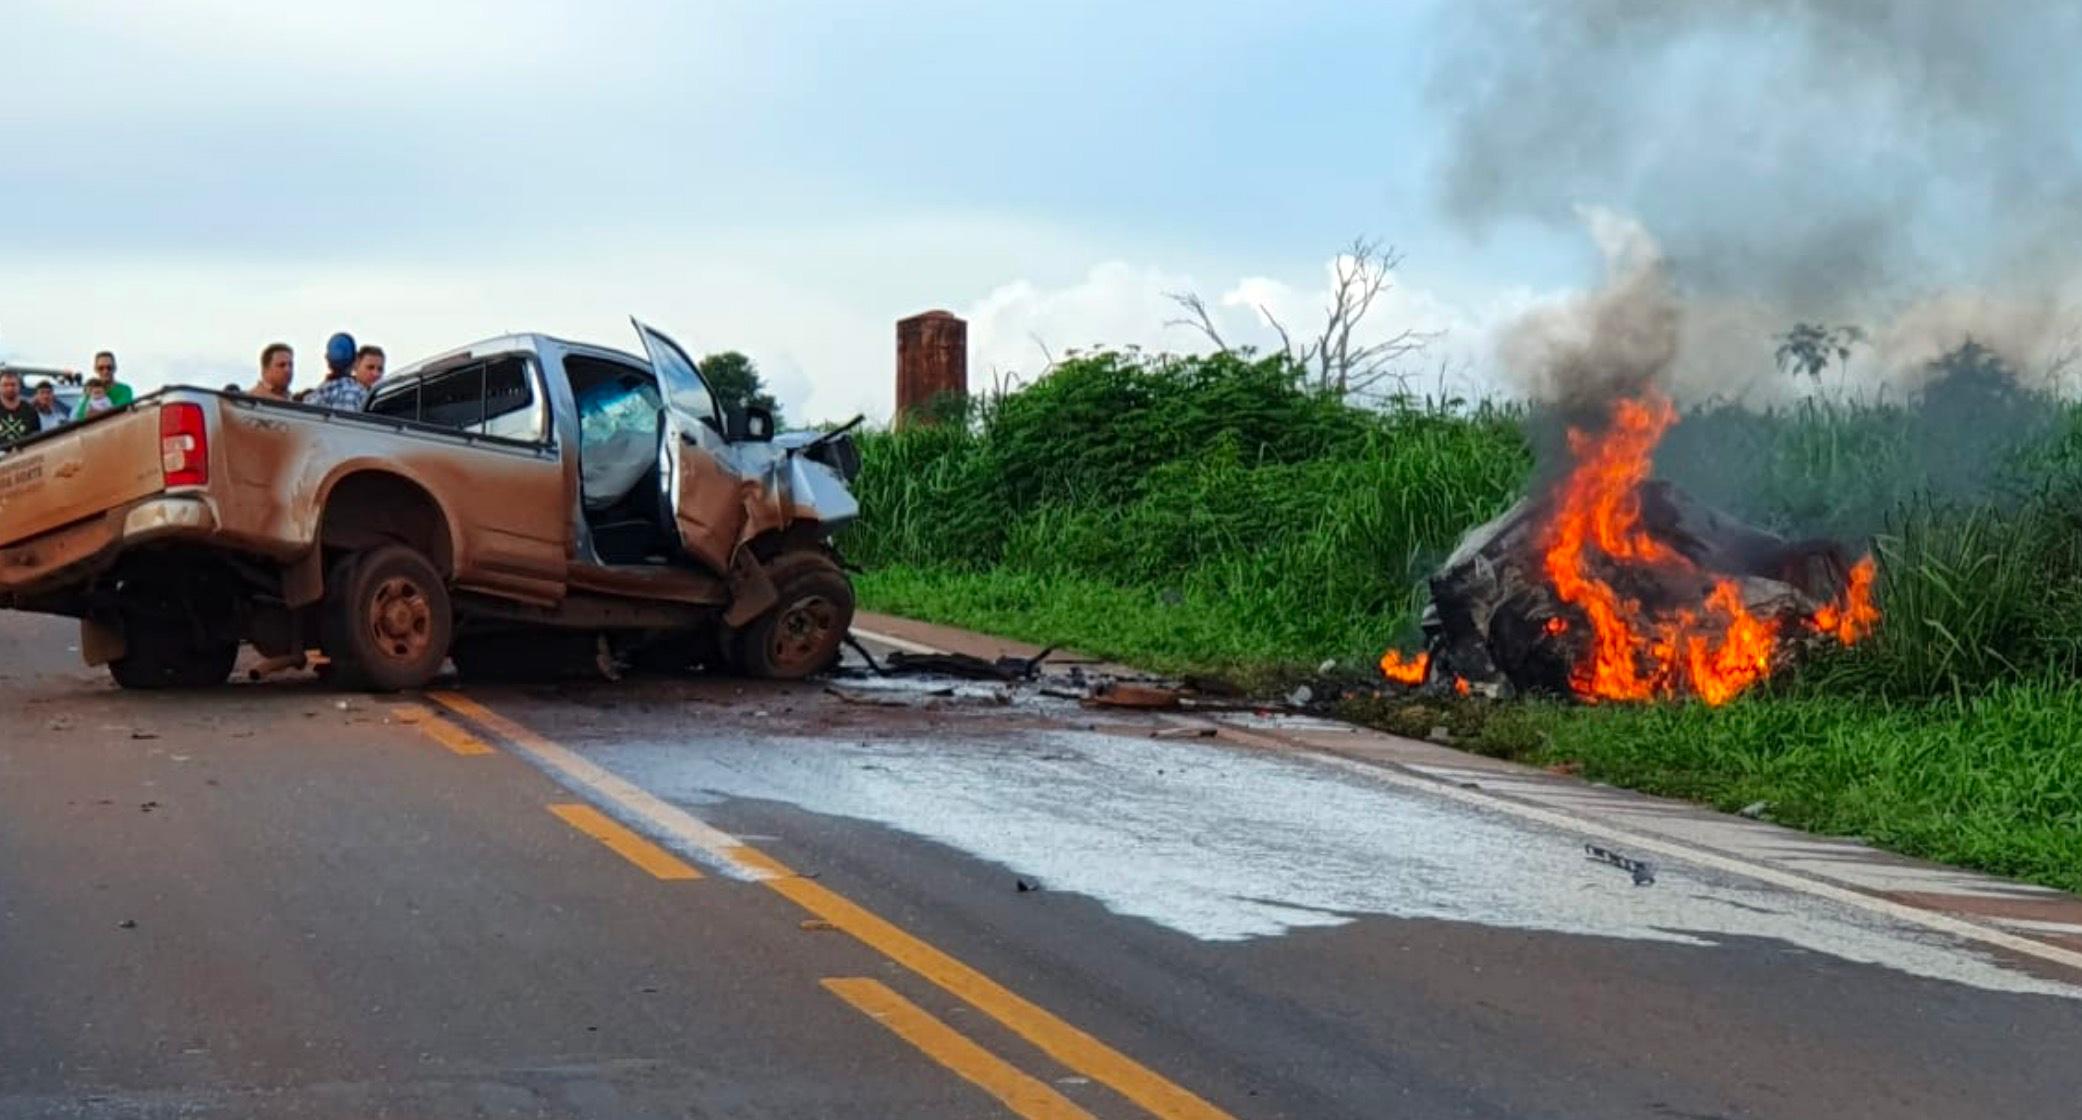 Morre no hospital em Sinop 2ª vítima de acidente na BR-163 no Nortão; carro pegou fogo - Só Notícias